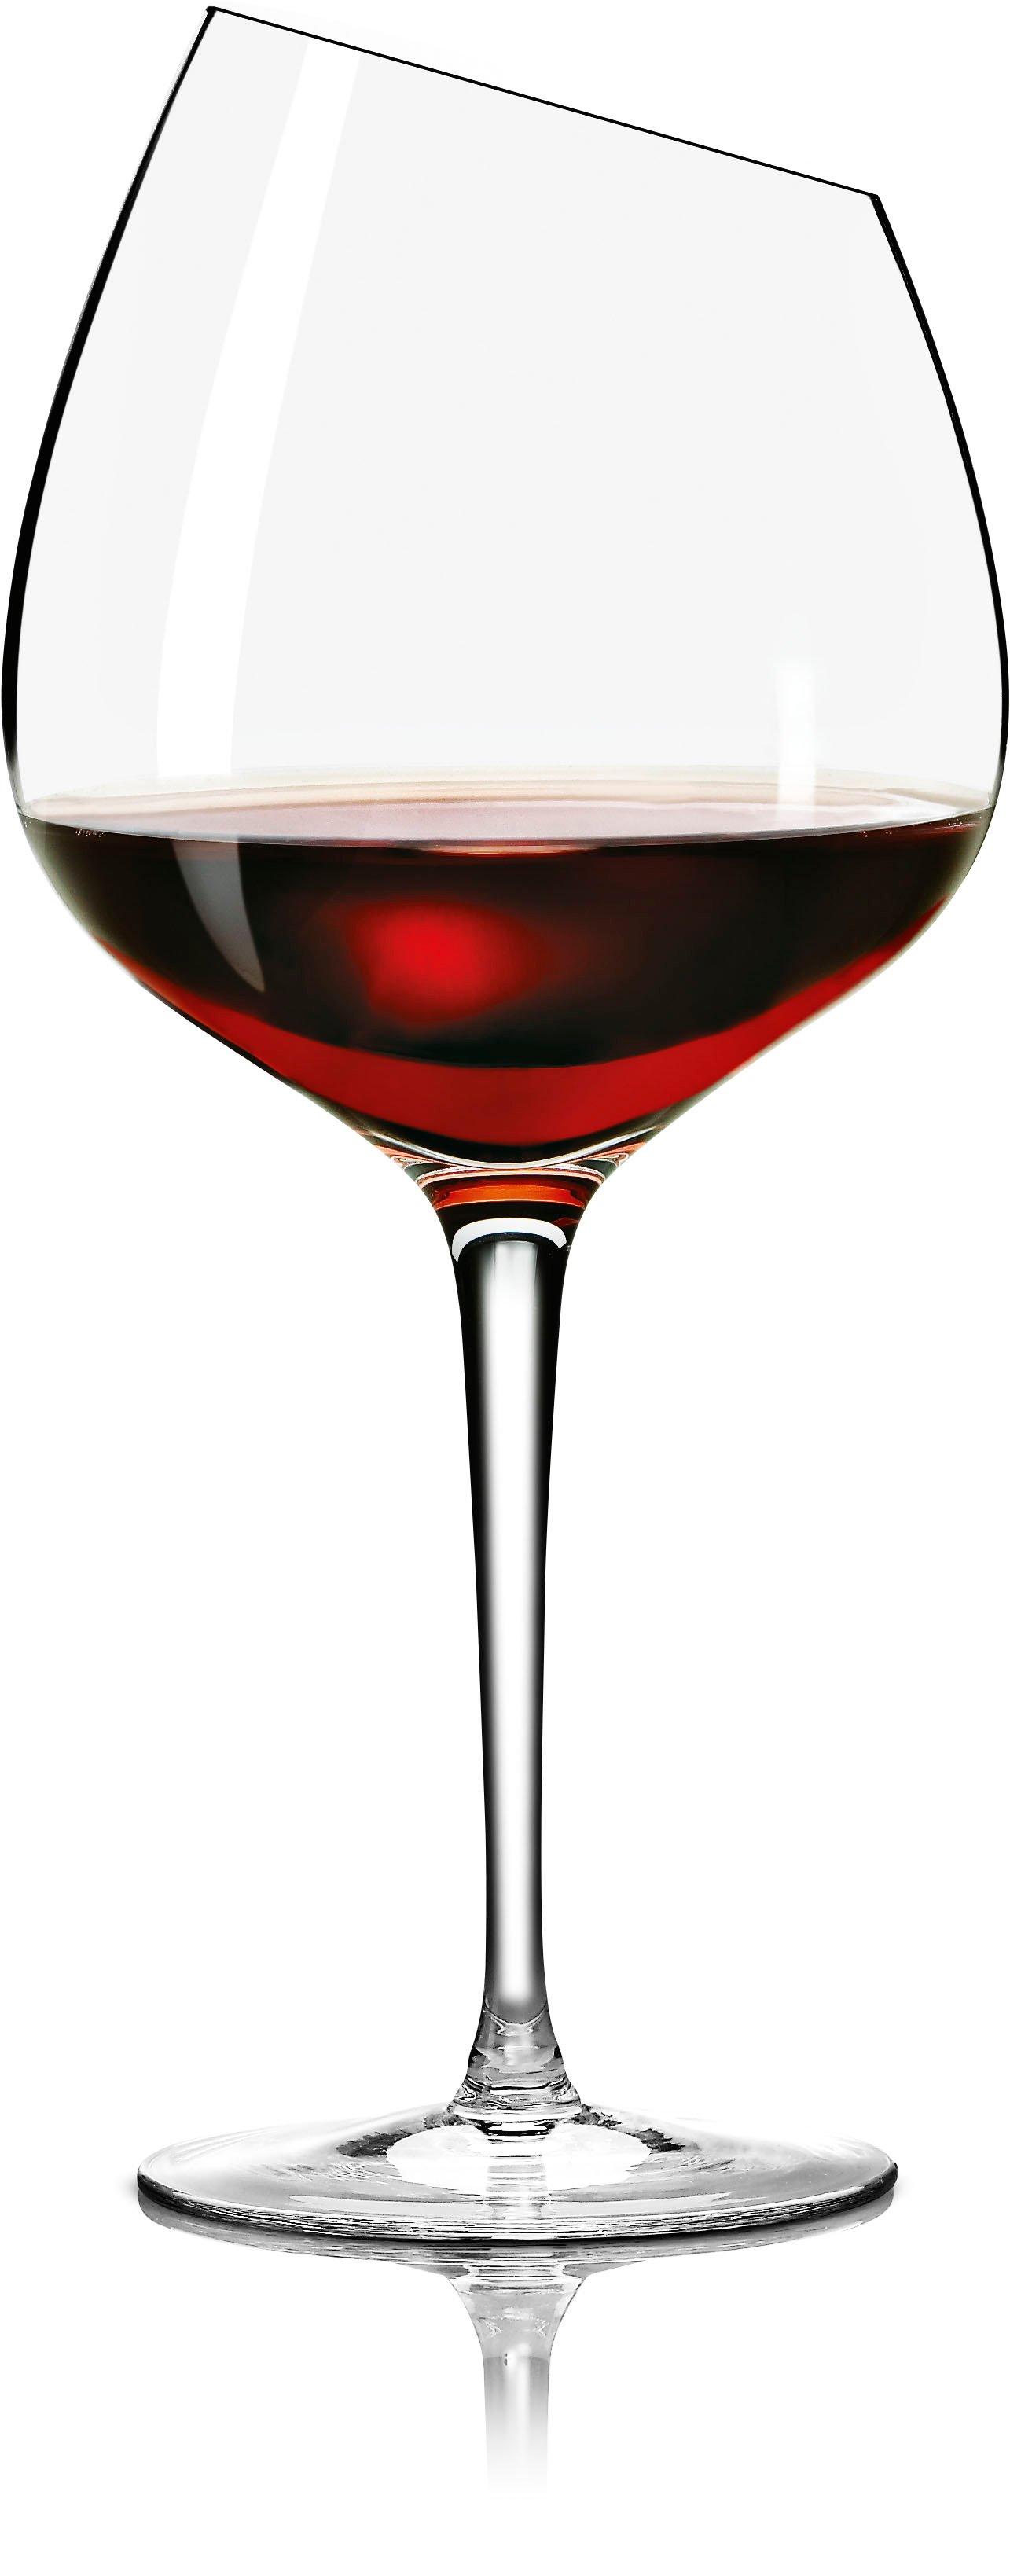 Eva Solo - Wine Glass Bourgogne 2 pack (541102)